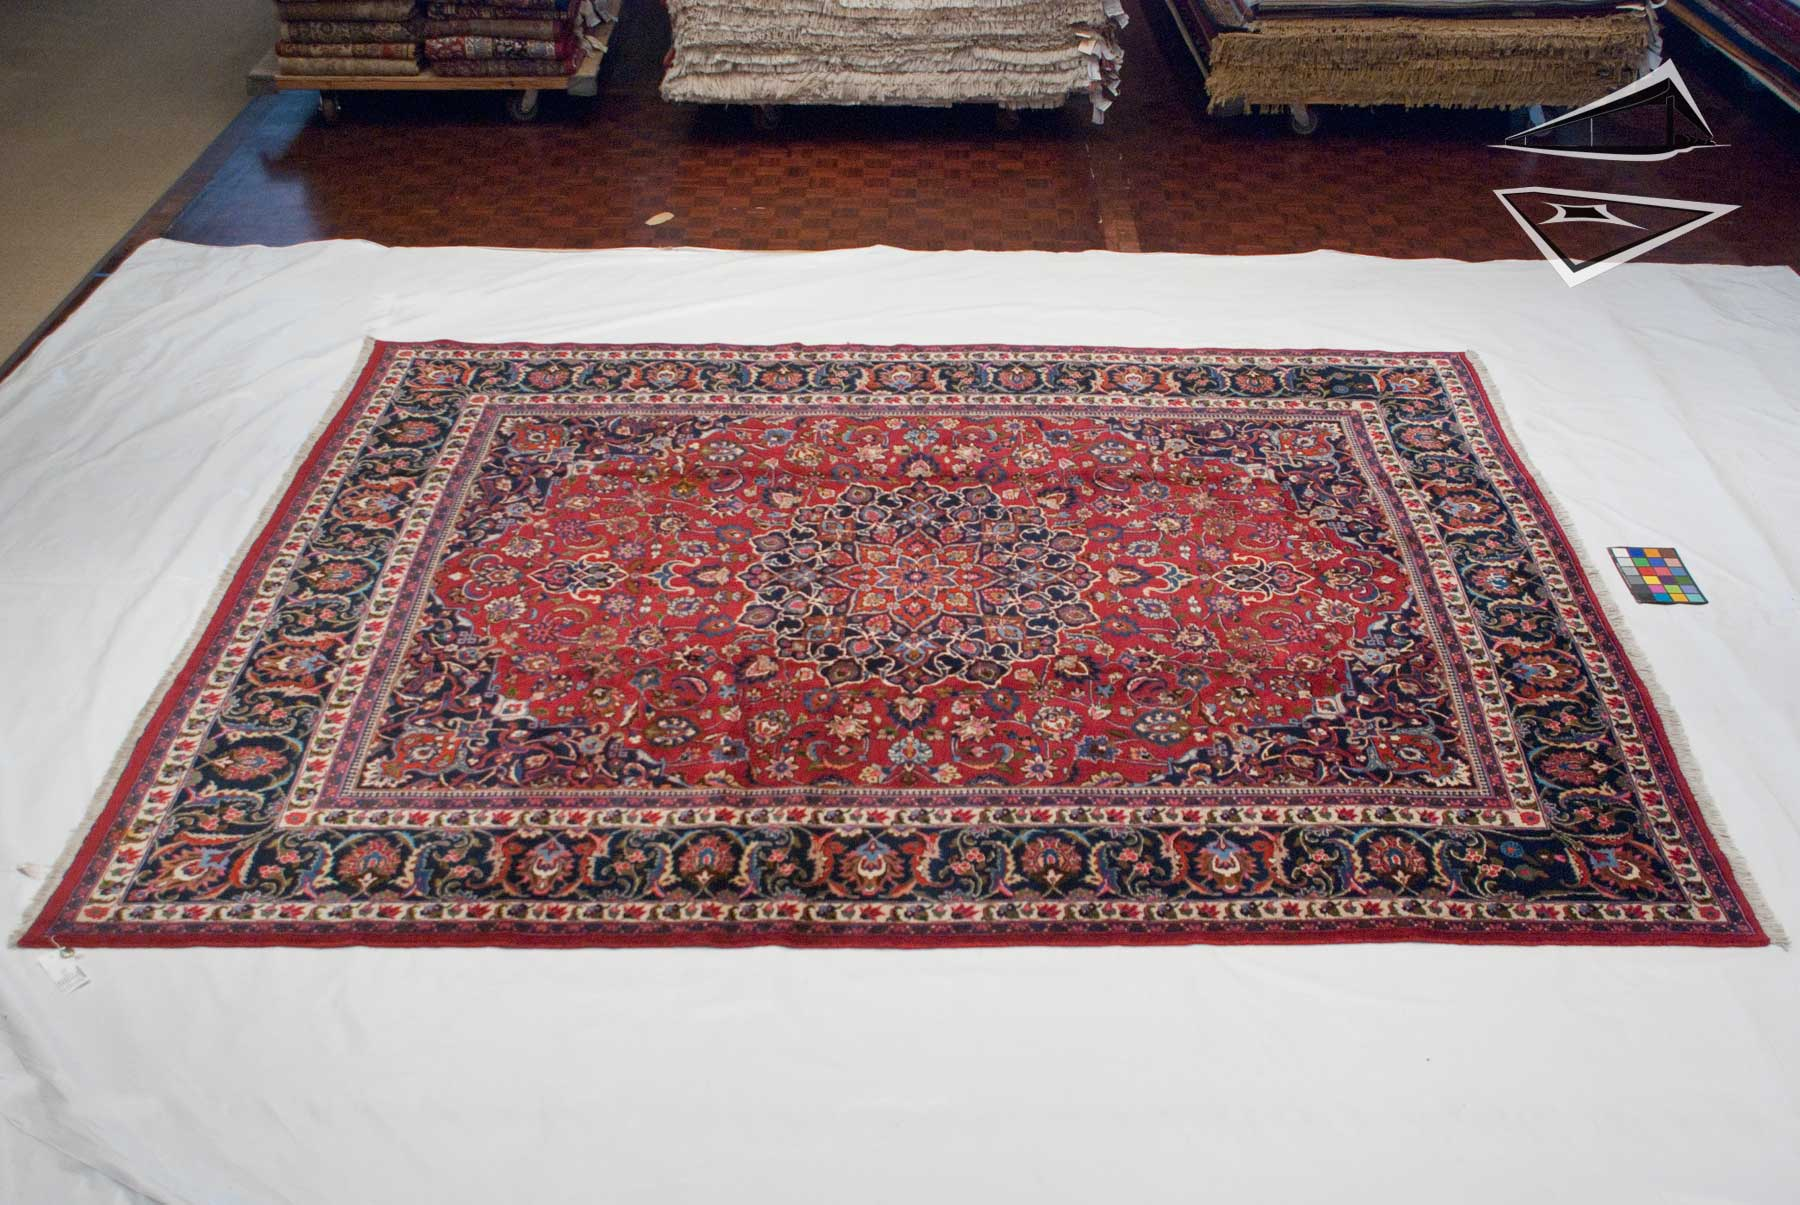 meshed design rug 10 39 x 11 39. Black Bedroom Furniture Sets. Home Design Ideas